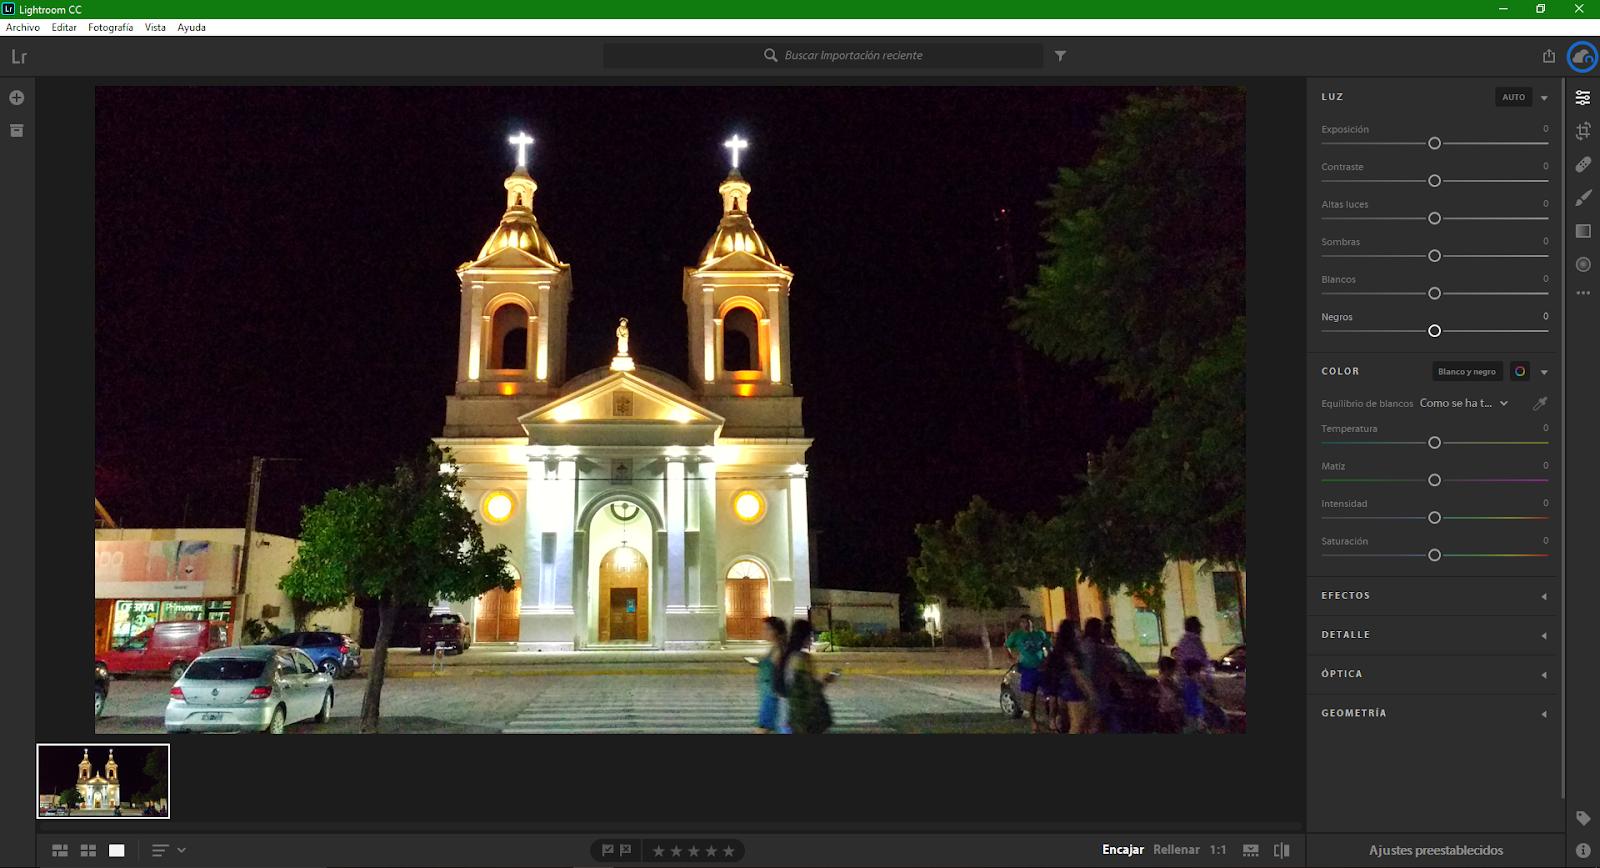 Descargar gratis programas para editar fotografias 7